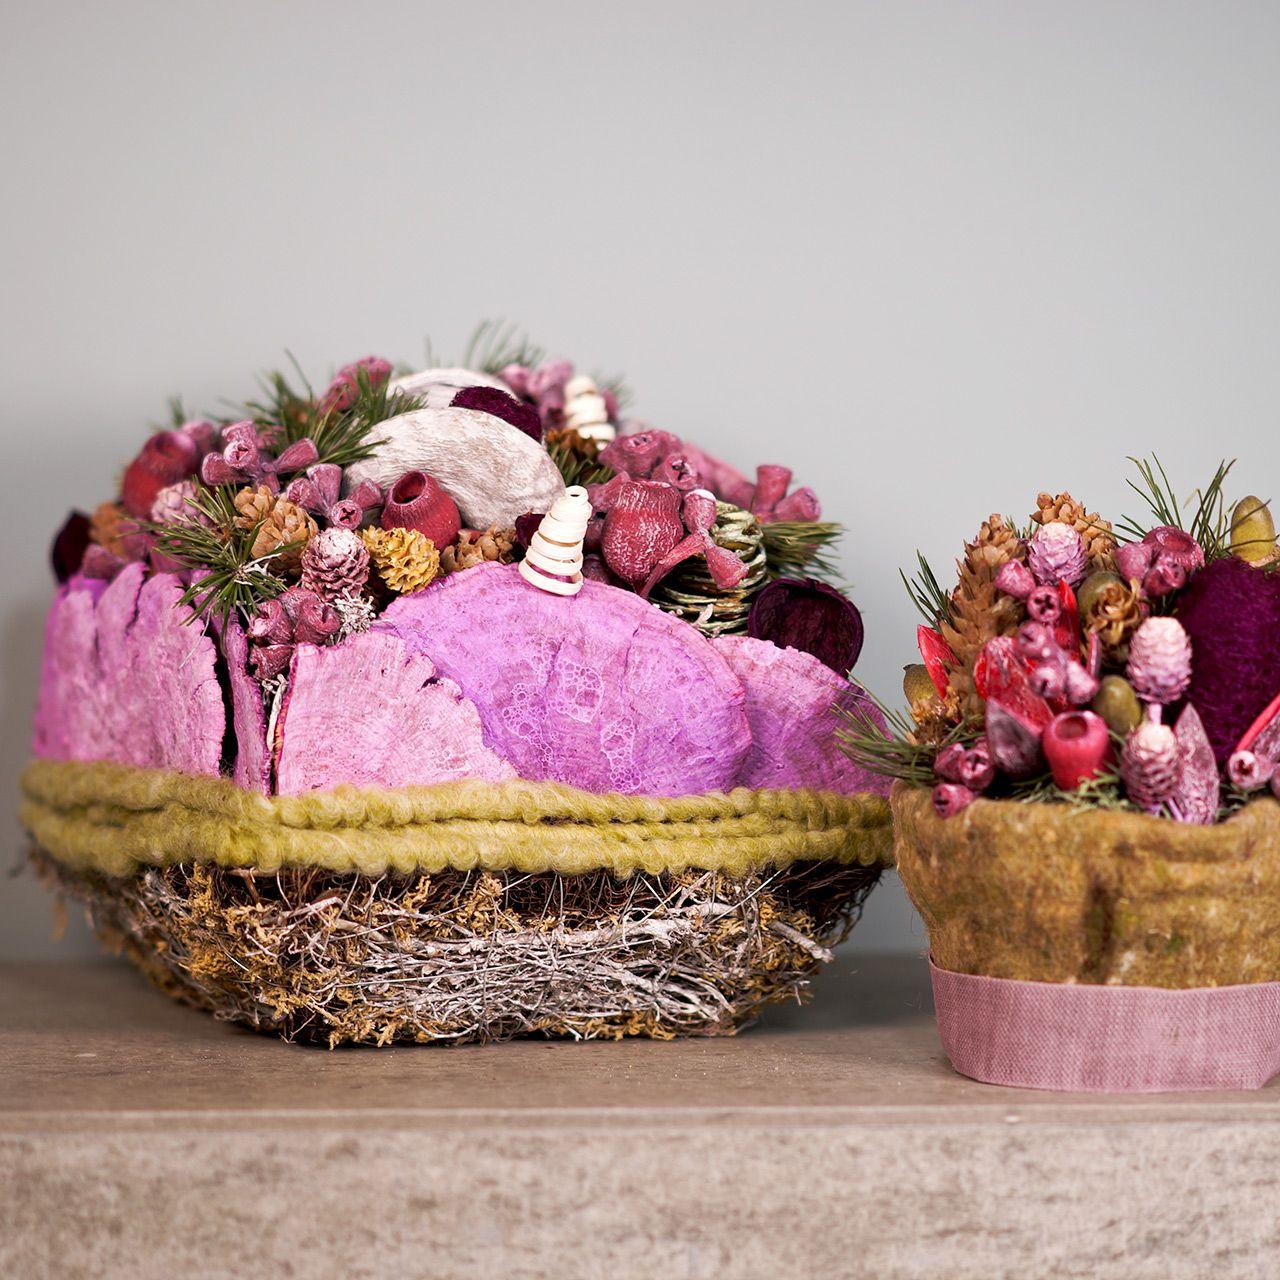 Plantepute laget av vinstokker og mose 20cm x 20cm